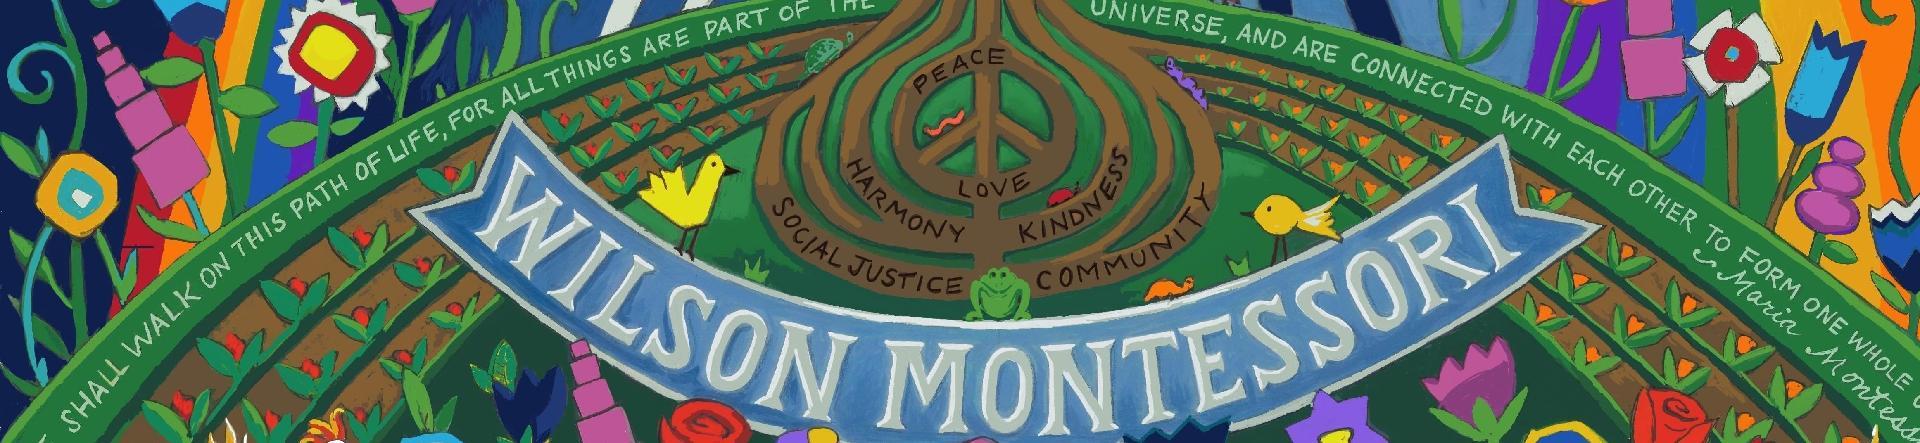 Ella J Baker Montessori PTO formerly Wilson Montessori PTO